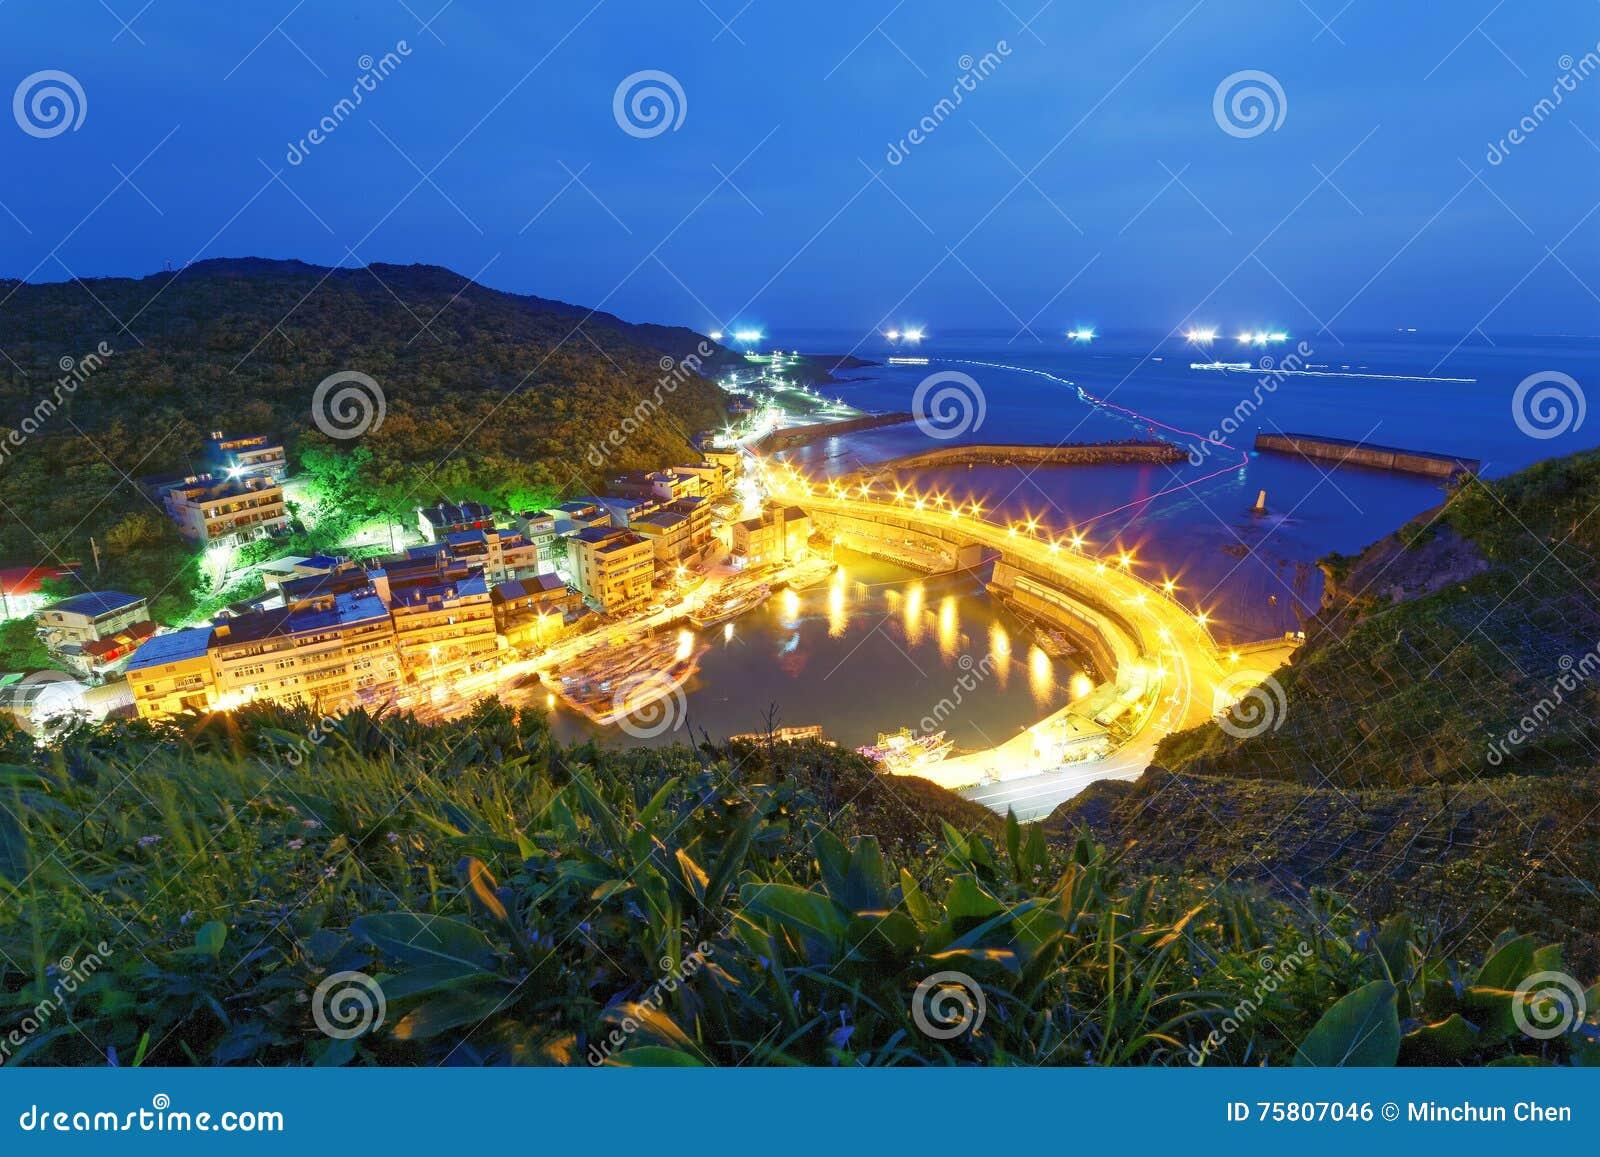 Landschap die van kustweg de haven van een visserijdorp kruisen met lichten van vissersboten op het overzees